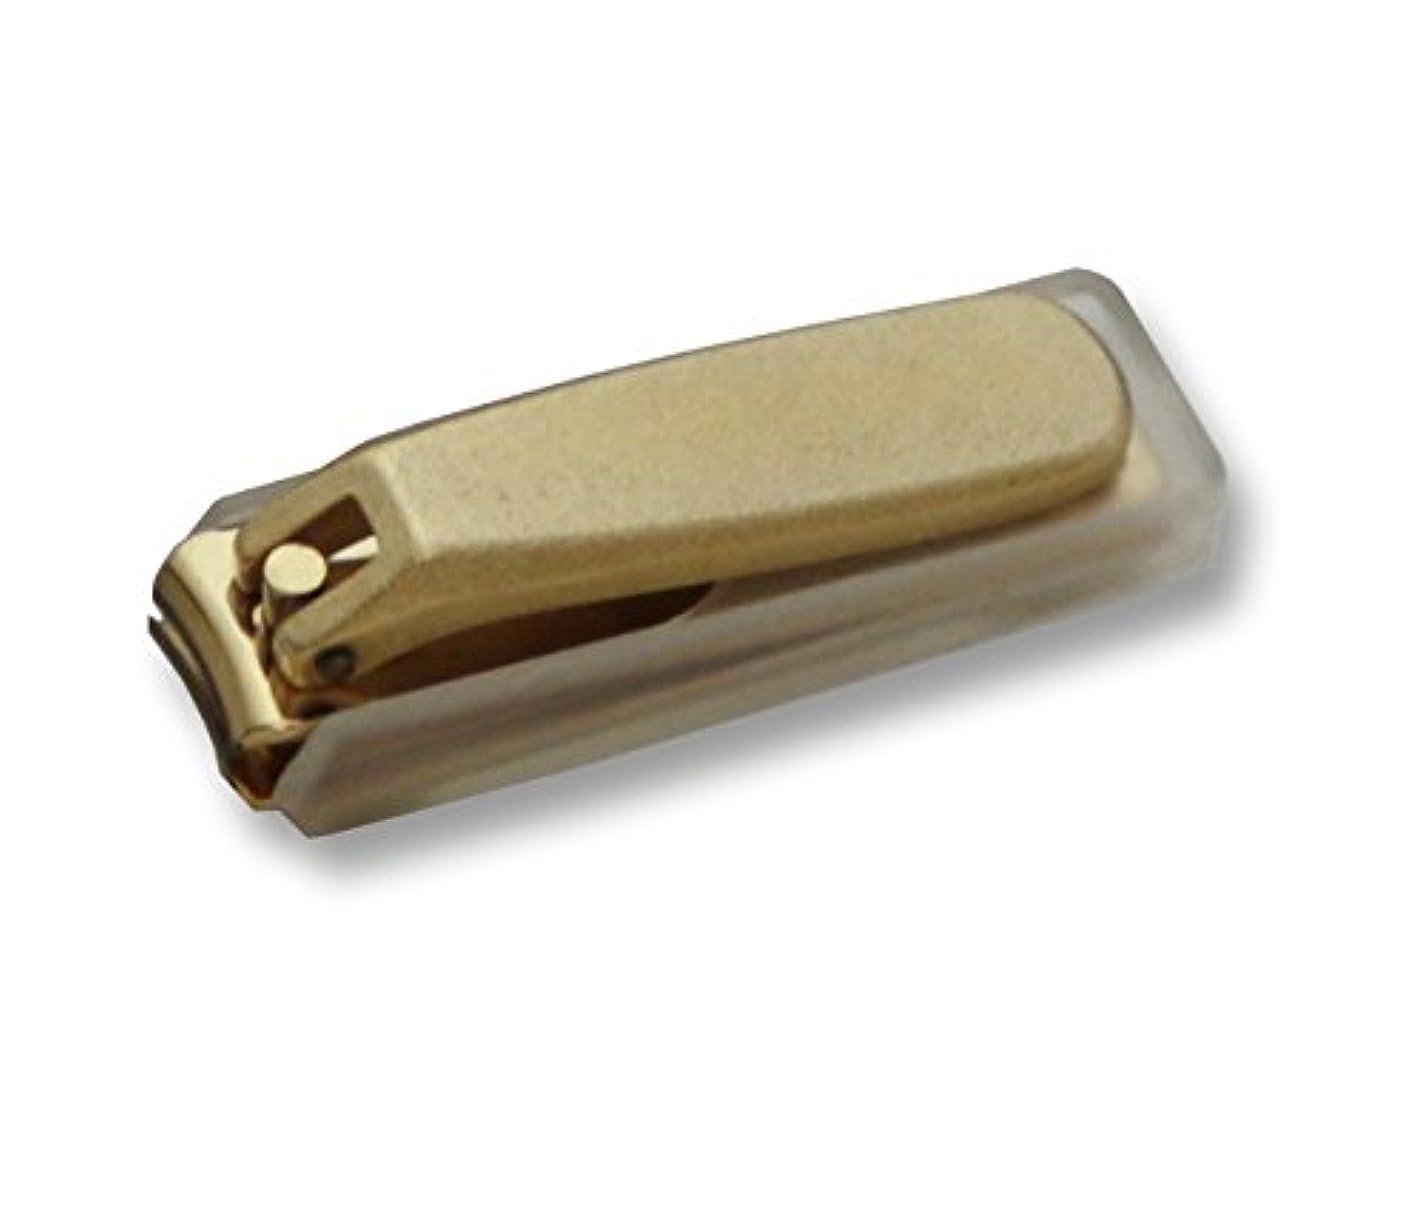 KD-032 関の刃物 ゴールド爪切 小 カバー付